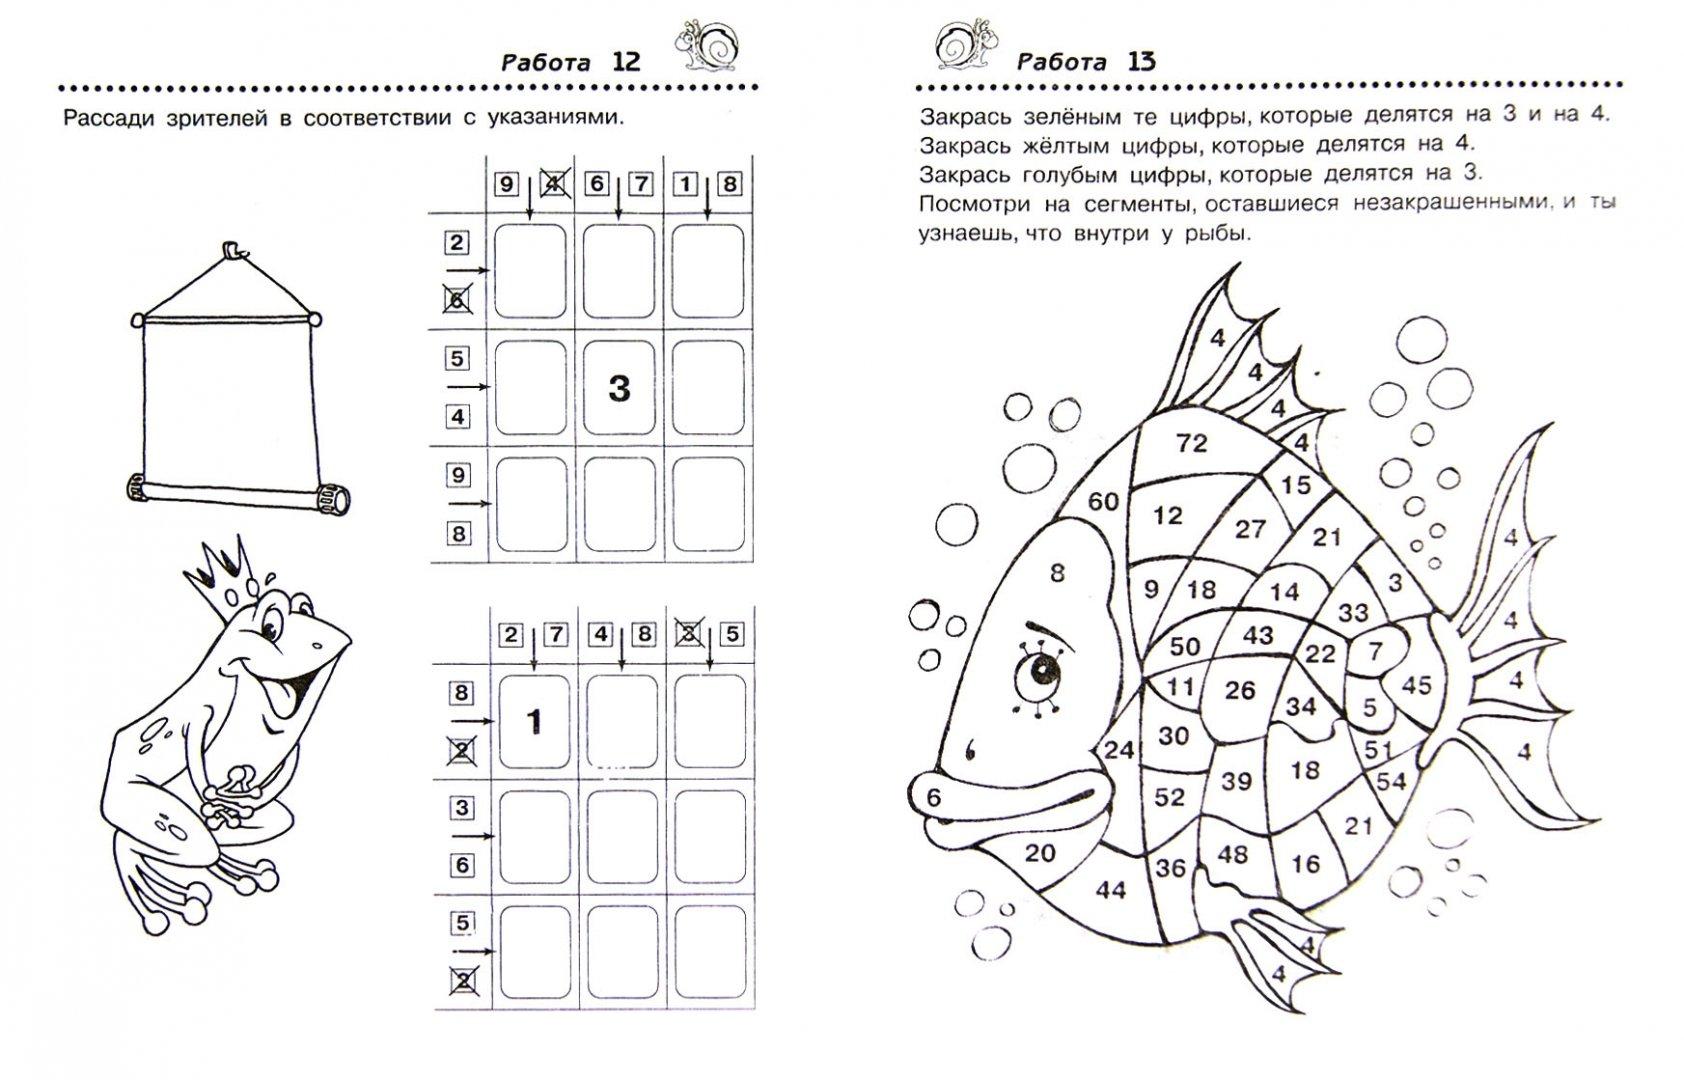 Иллюстрация 1 из 25 для Играем в математику 2 класс - Узорова, Нефедова | Лабиринт - книги. Источник: Лабиринт